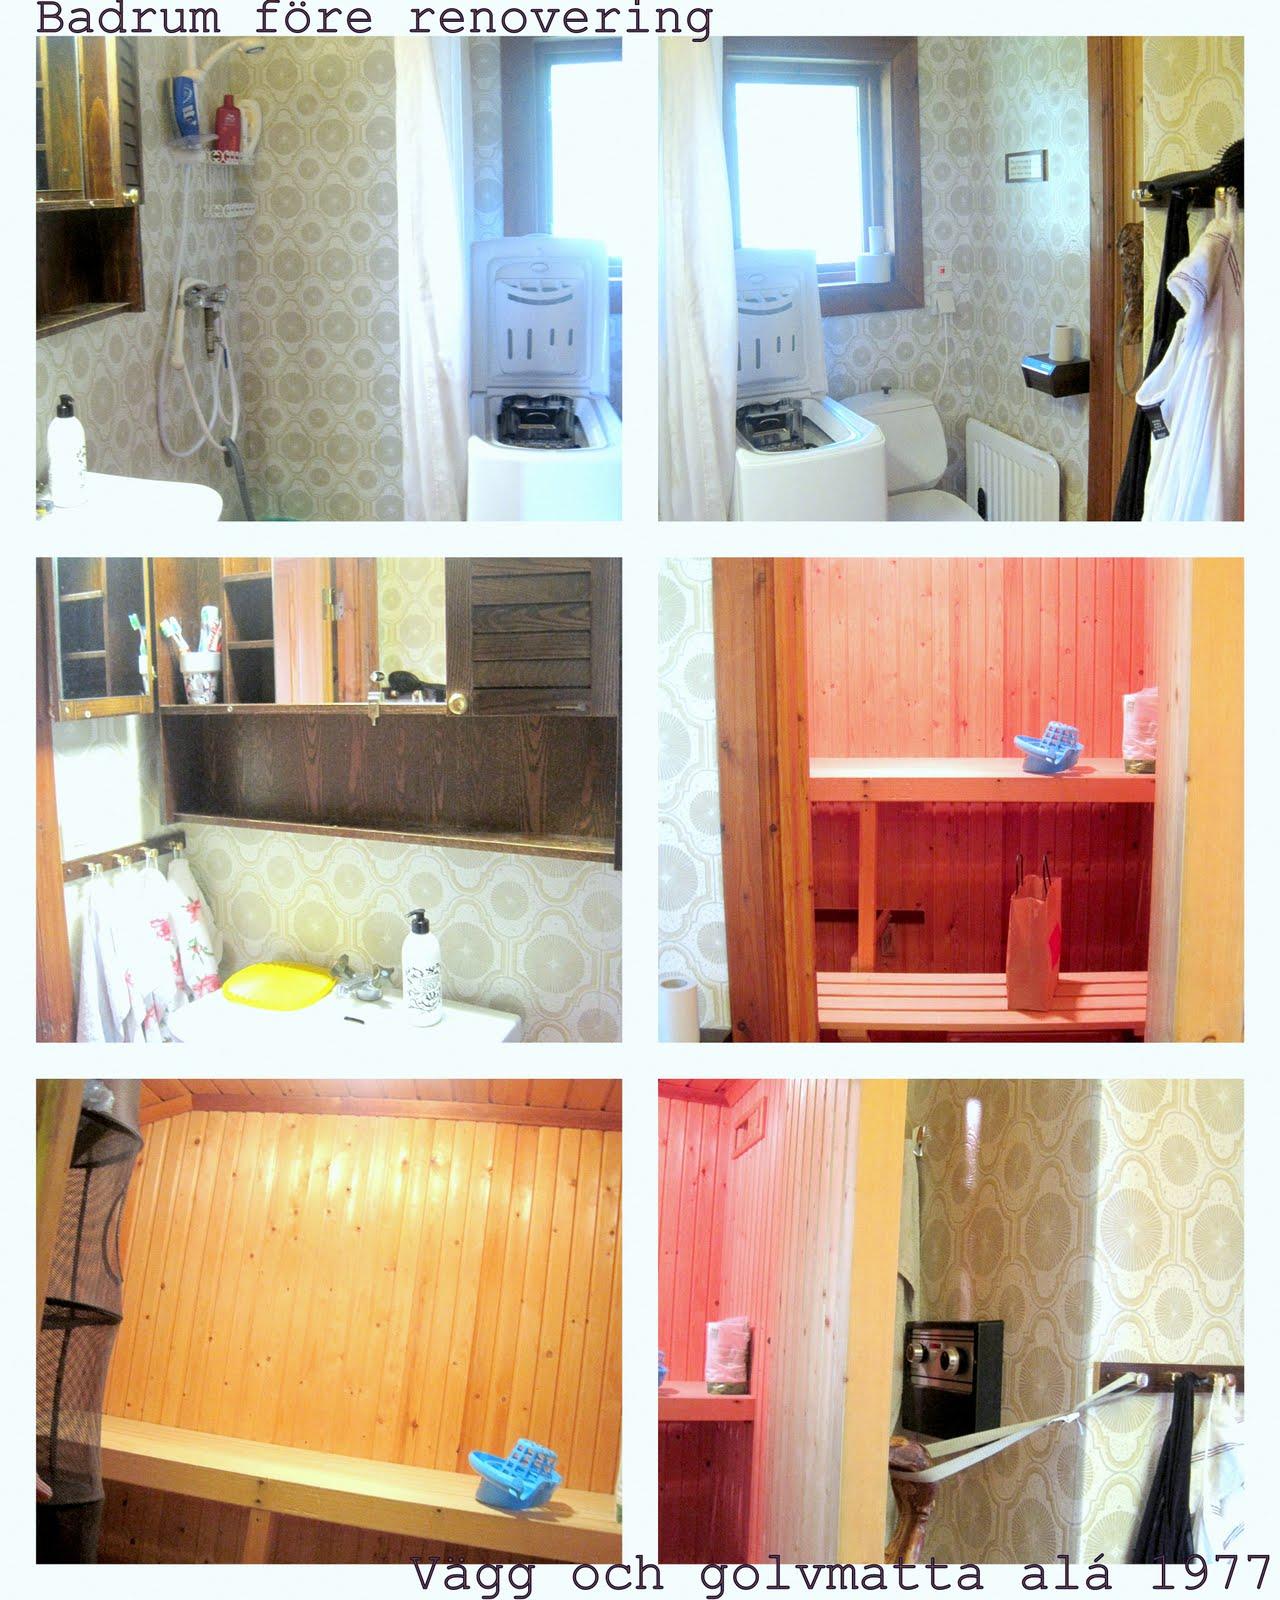 Brunkullan med mosipperötter: badrummet i stugan  före